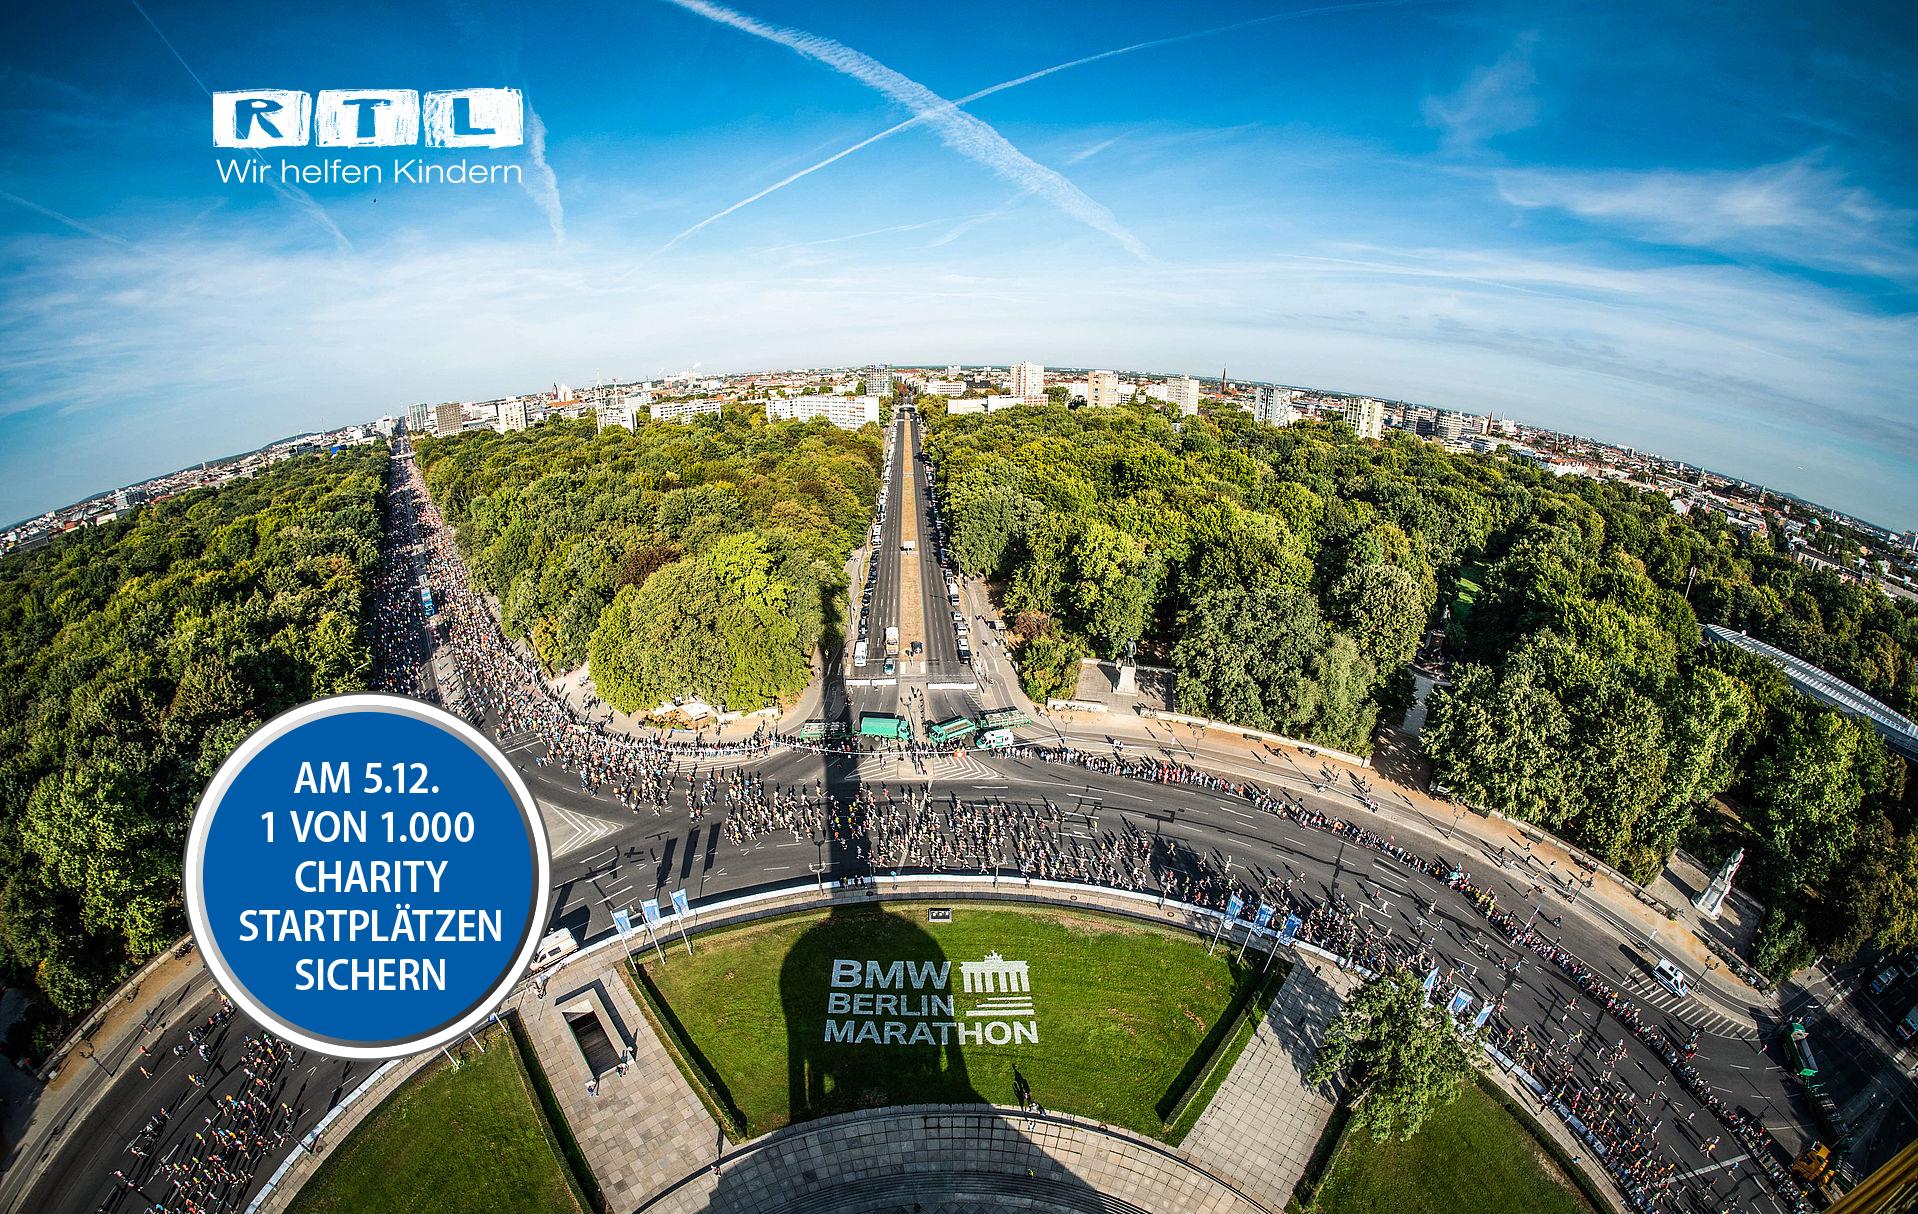 BMW BERLIN-MARATHON: 1.000 Charity-Startplätze für den BMW ...